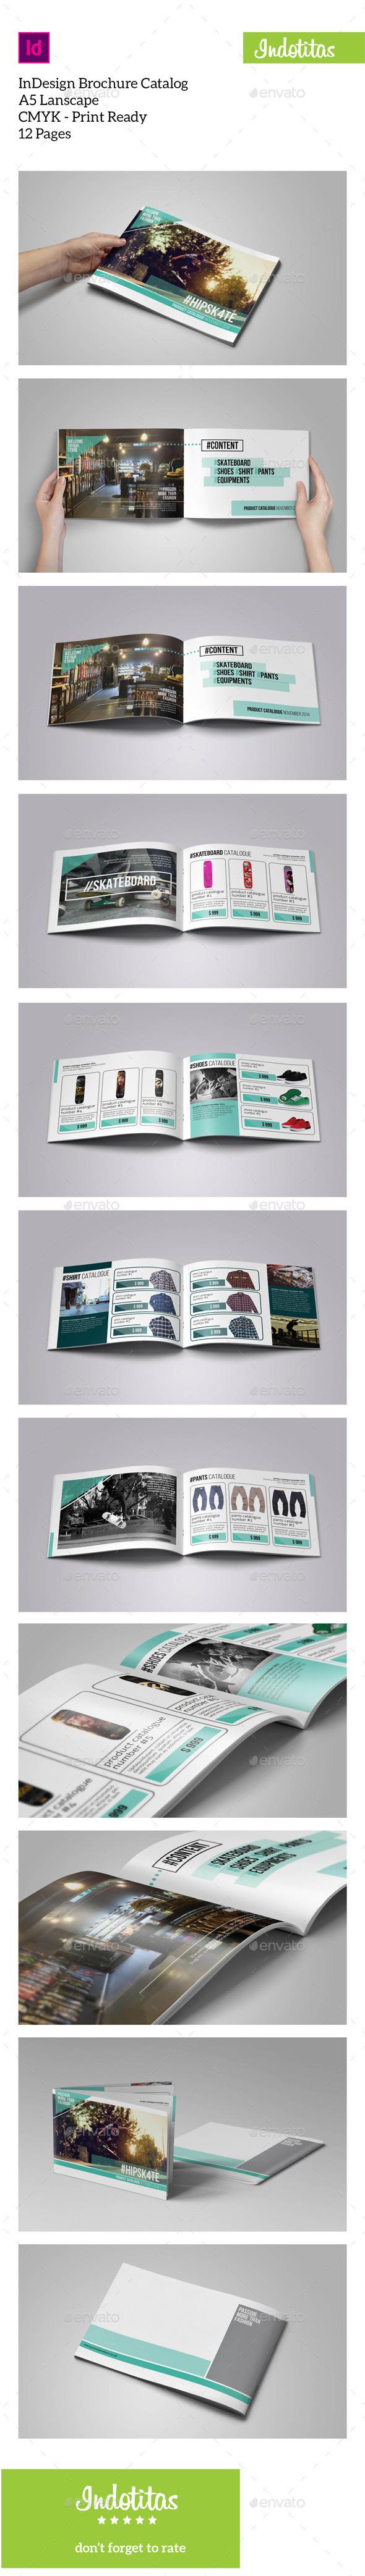 Brochure Catalogs A5 Lanscape - Catalogs Brochures